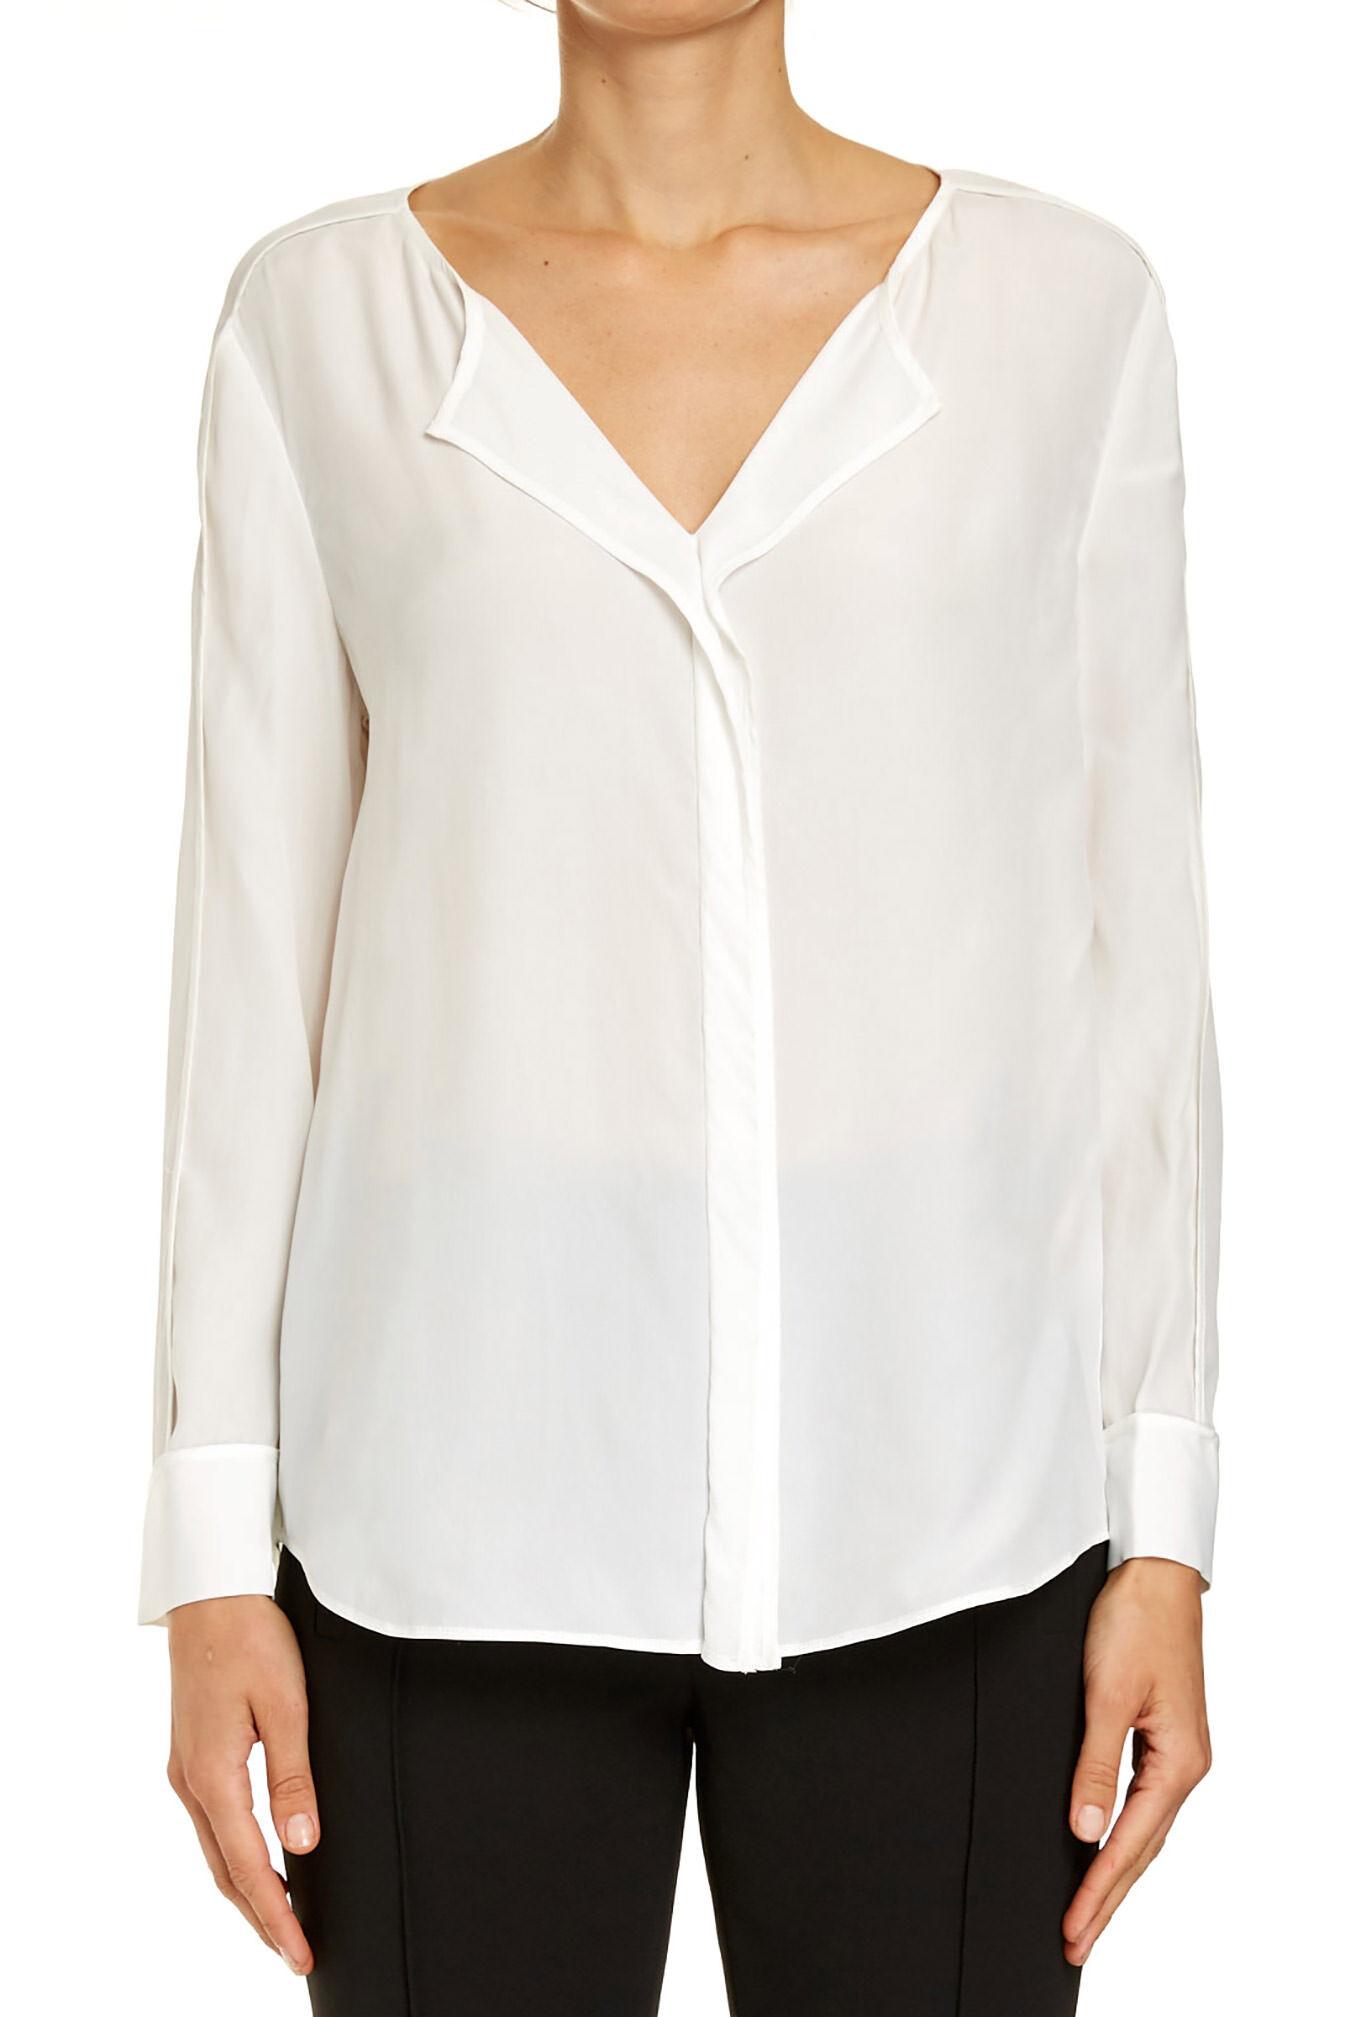 saba female 233680 margot blouse ivory12